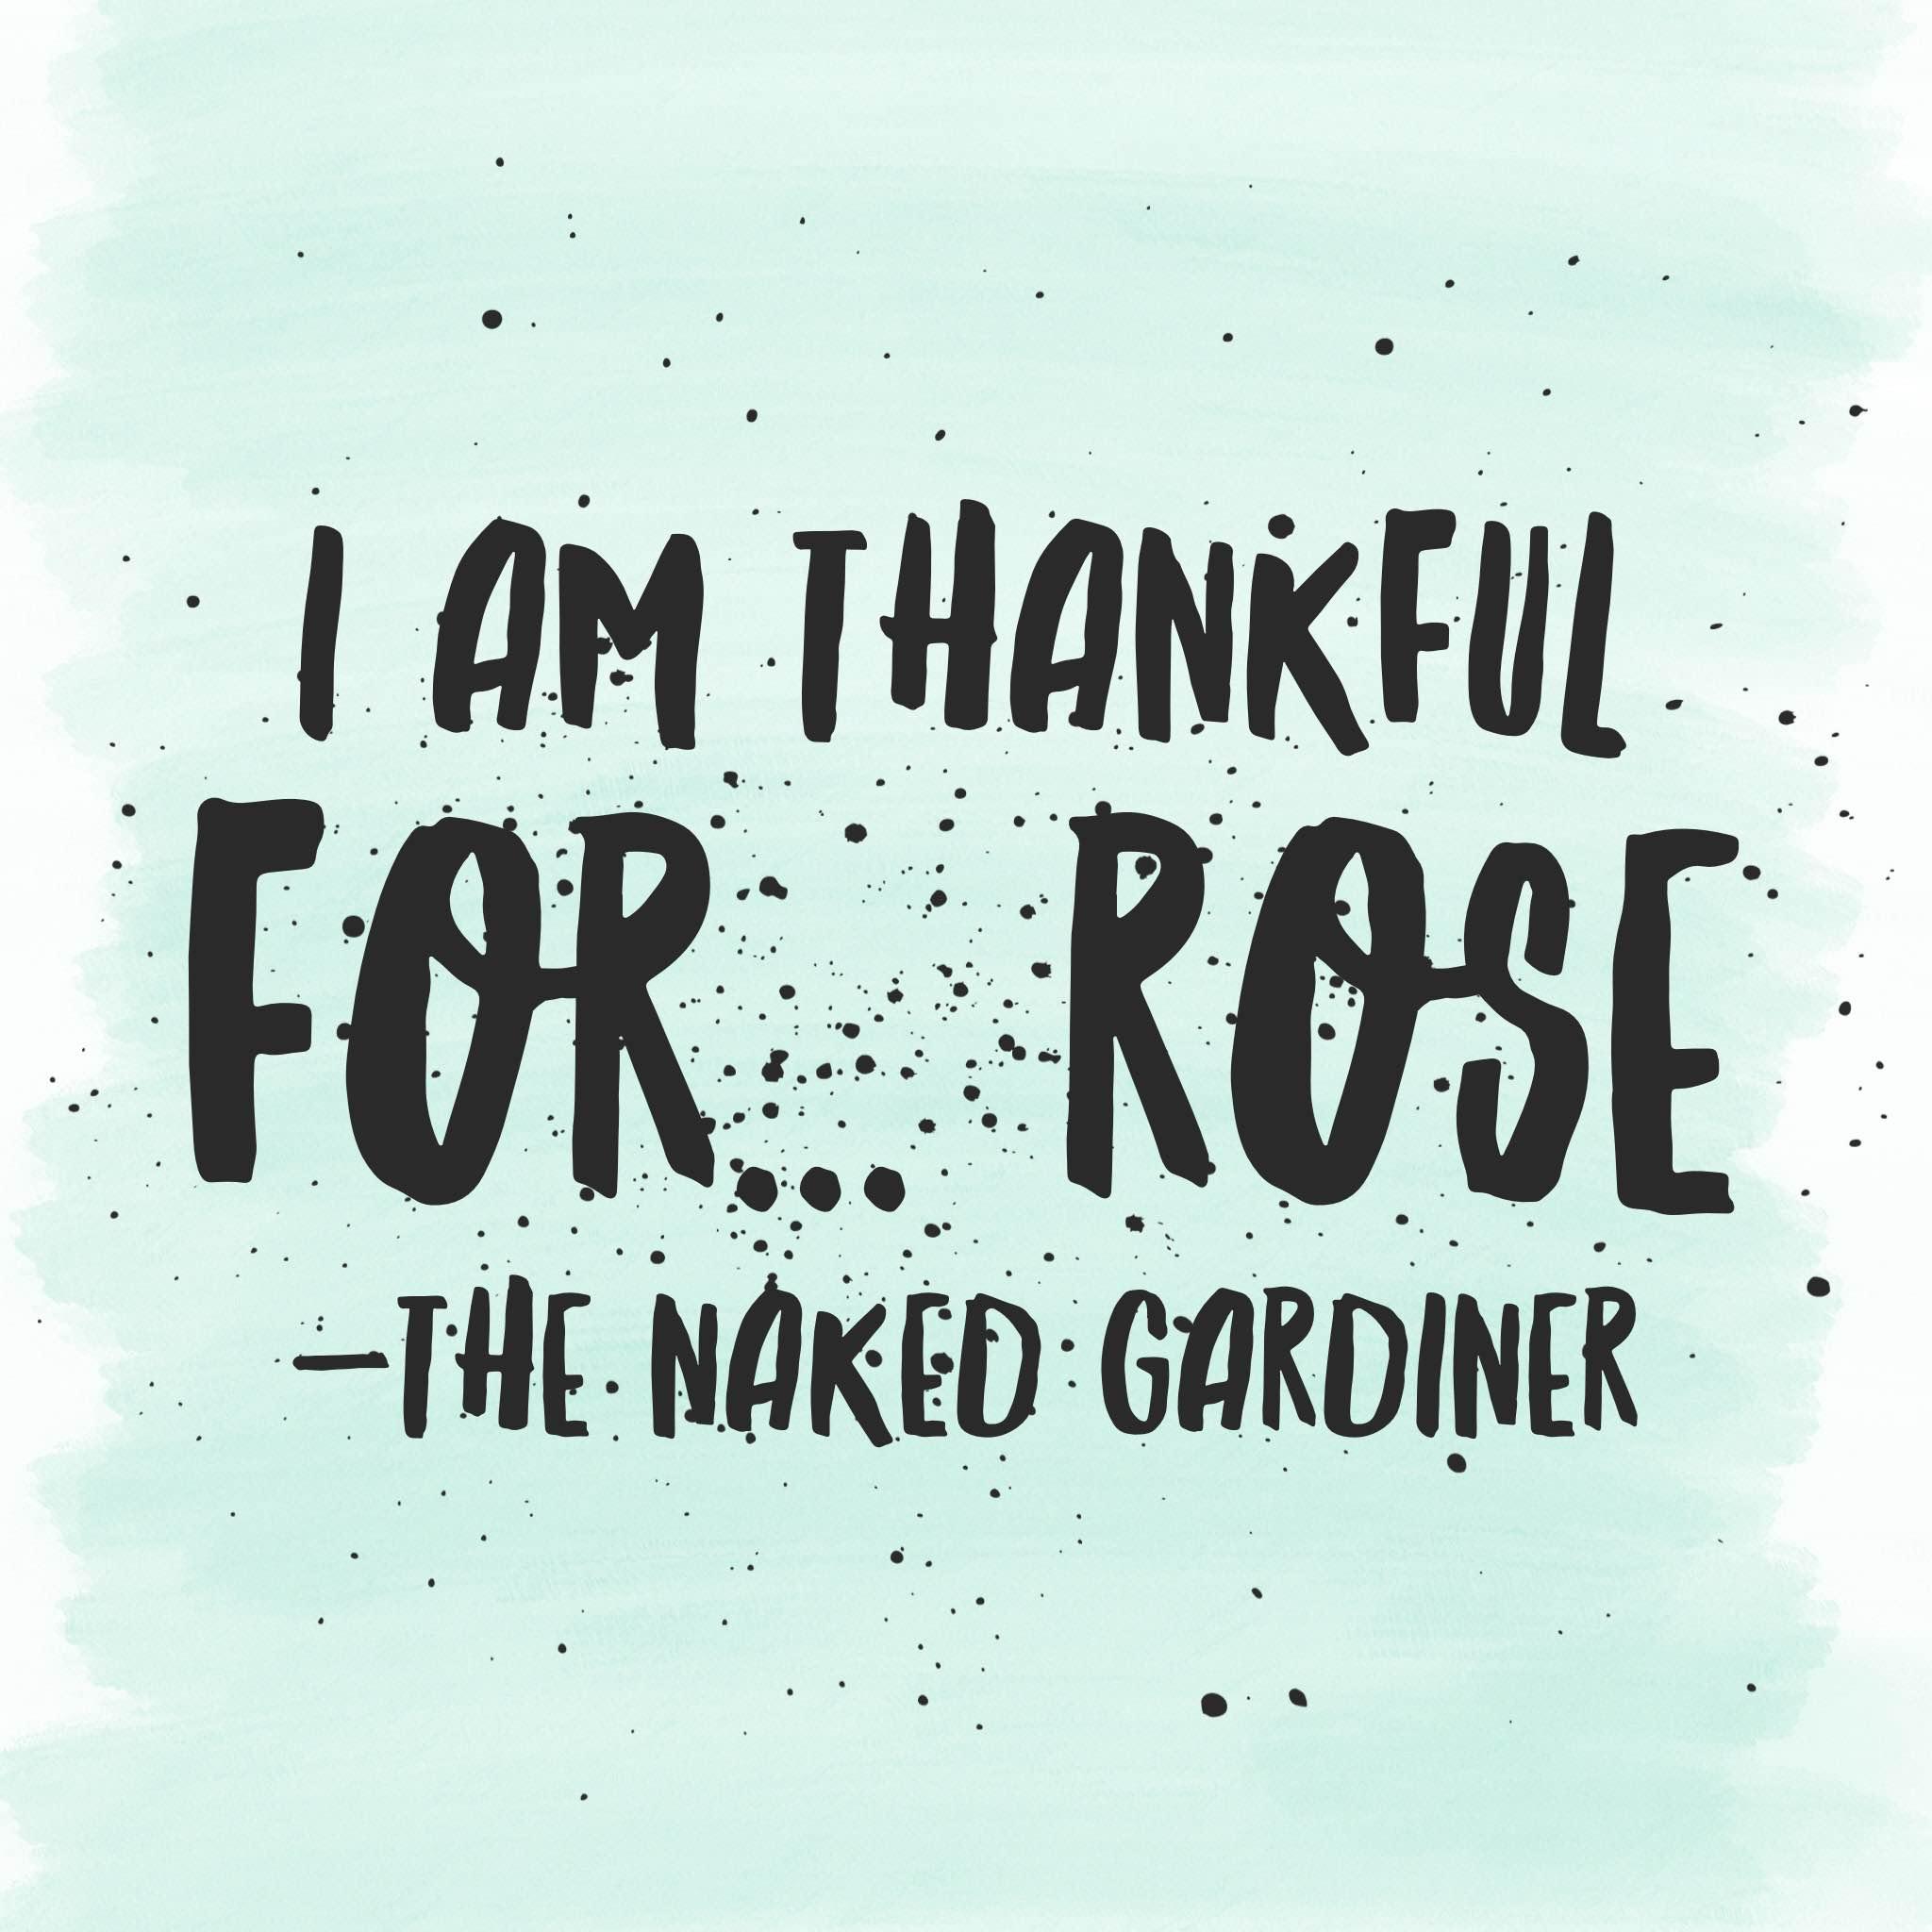 thankful-thursdays-rose-thenakedgardiner